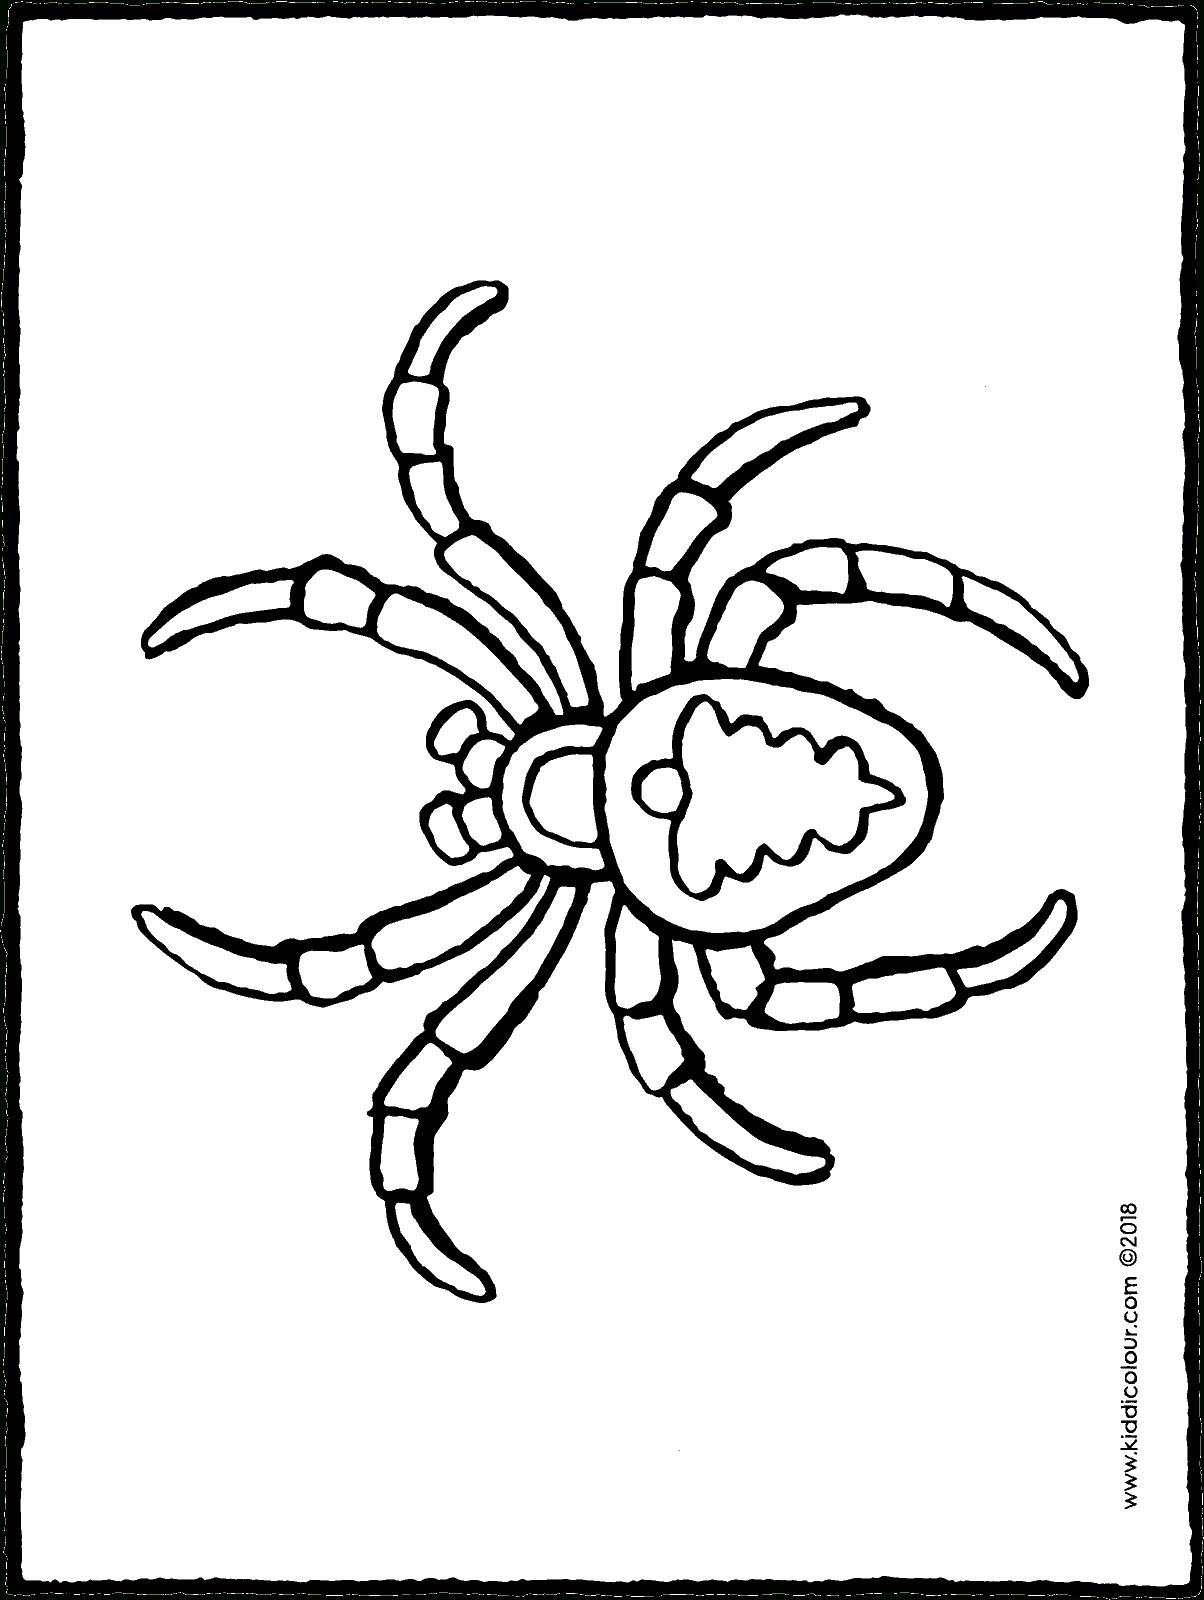 Spinne - Kiddimalseite ganzes Spinnen Ausmalbilder Zum Ausdrucken